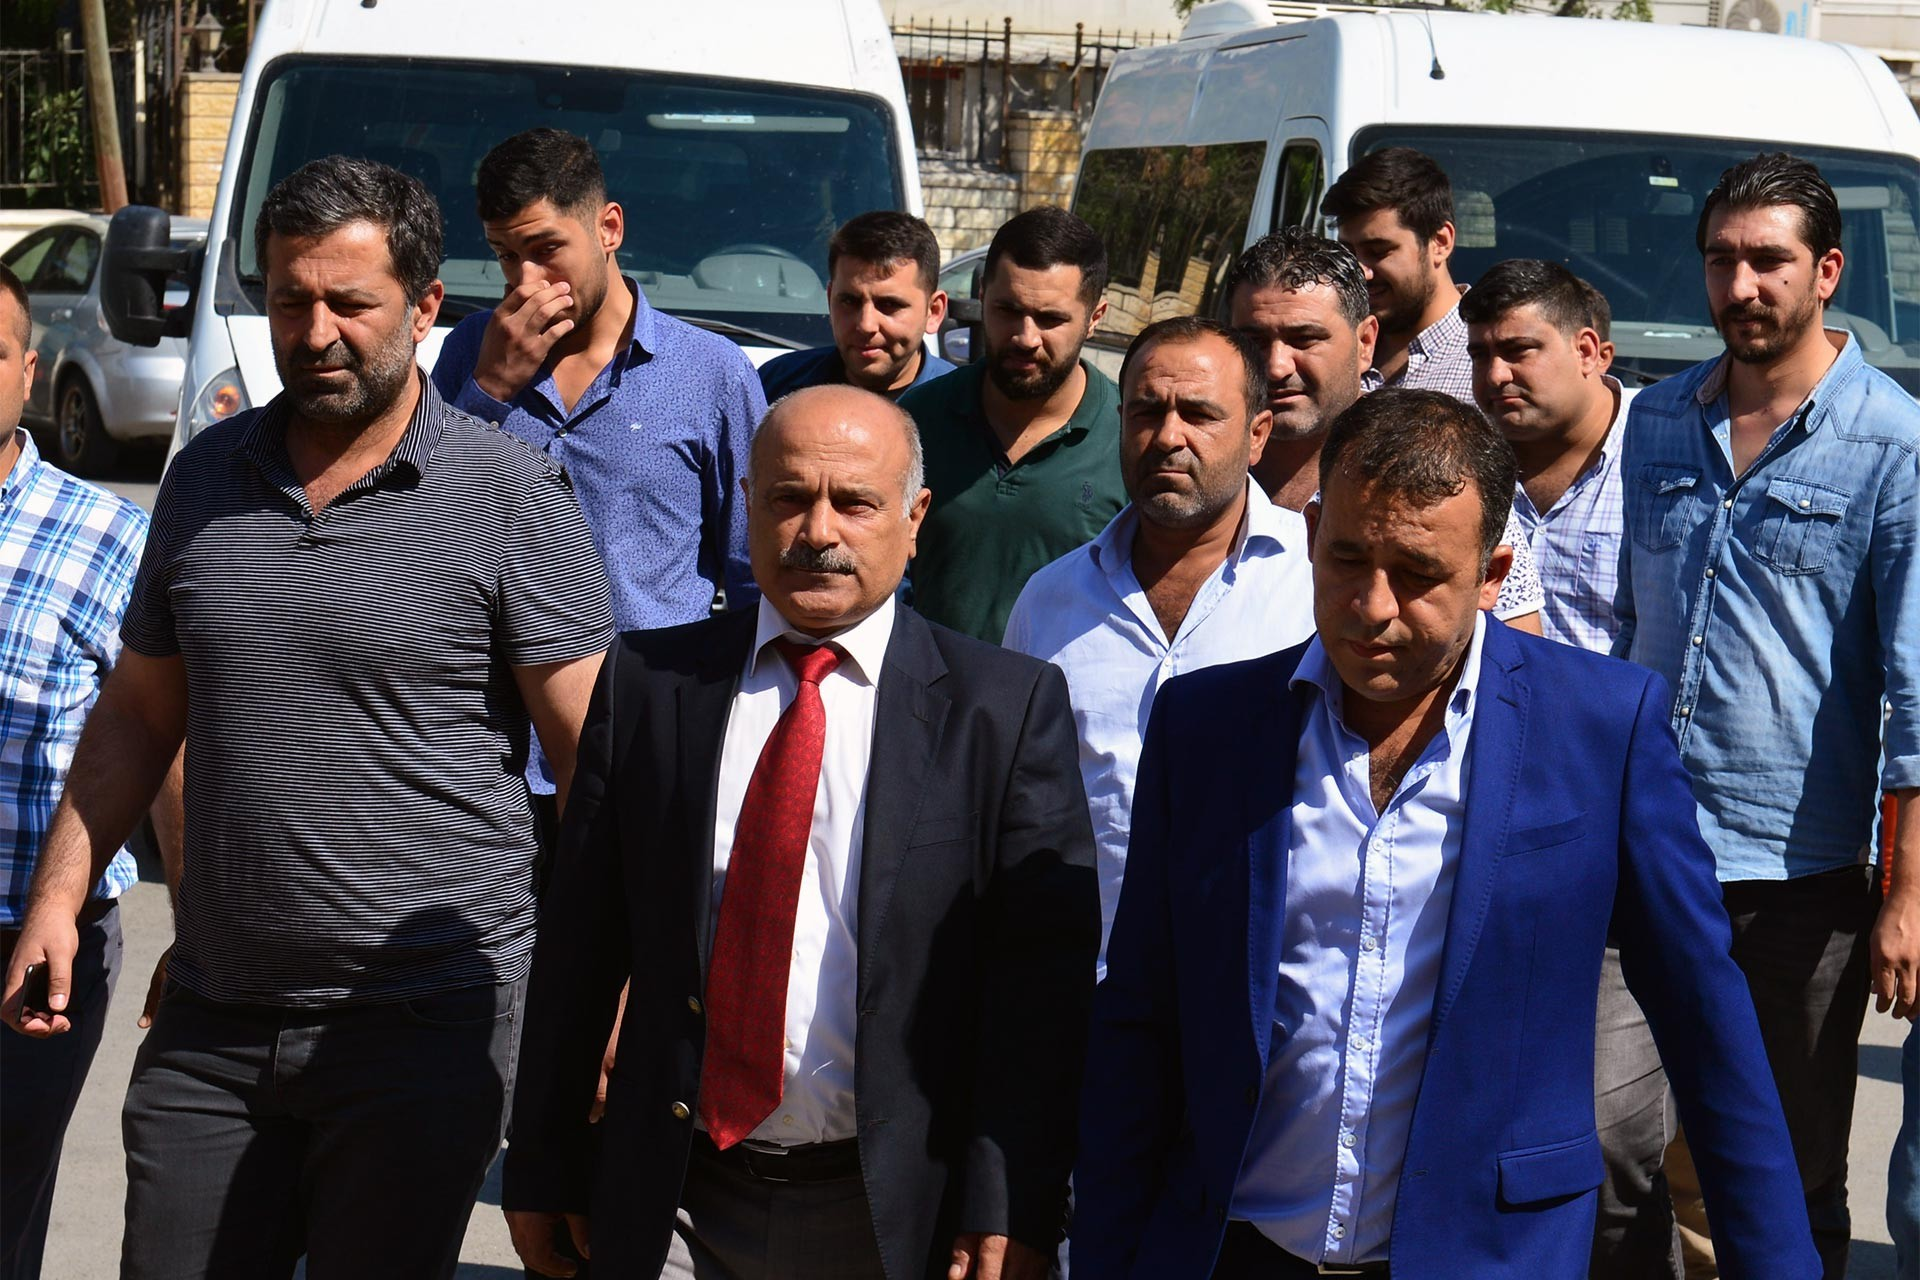 Suruç'taki saldırının sanığı, AKP'li Yıldız'ın ağabeyi Enver Yıldız tutuklandı